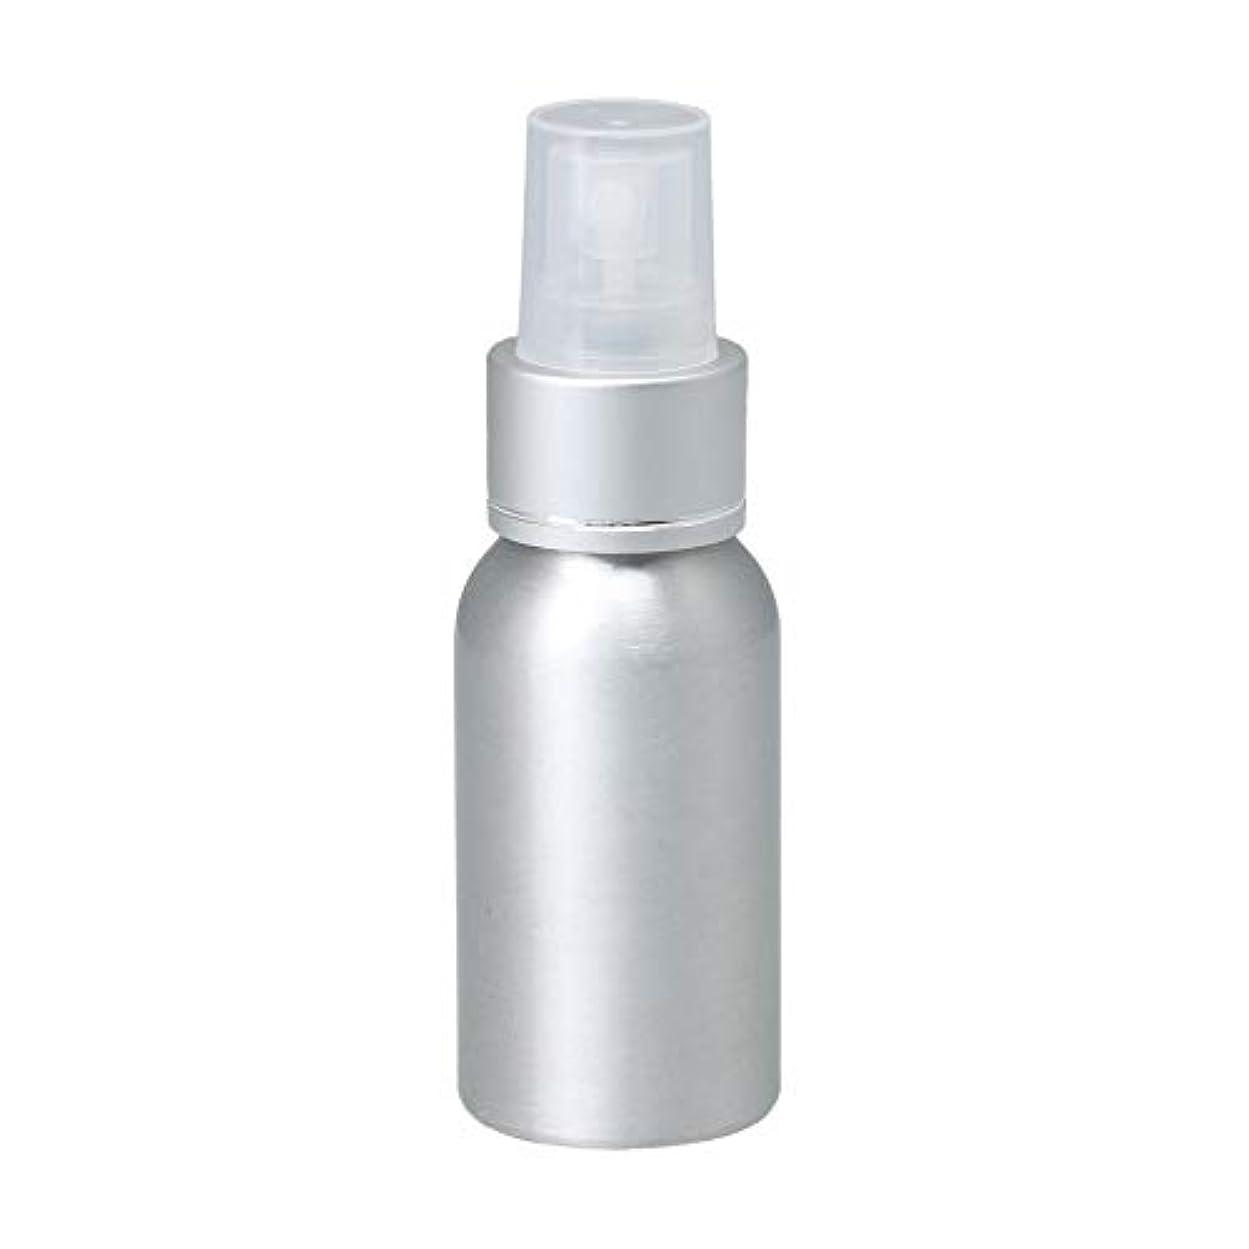 品揃え廃止する慣性50ml アルミ スプレーボトル 噴霧器 美容ボトル 小分け容器 化粧水 漏れ防止 女性用 香水ボトル 0.1-0.15 ml/t クリアノズル